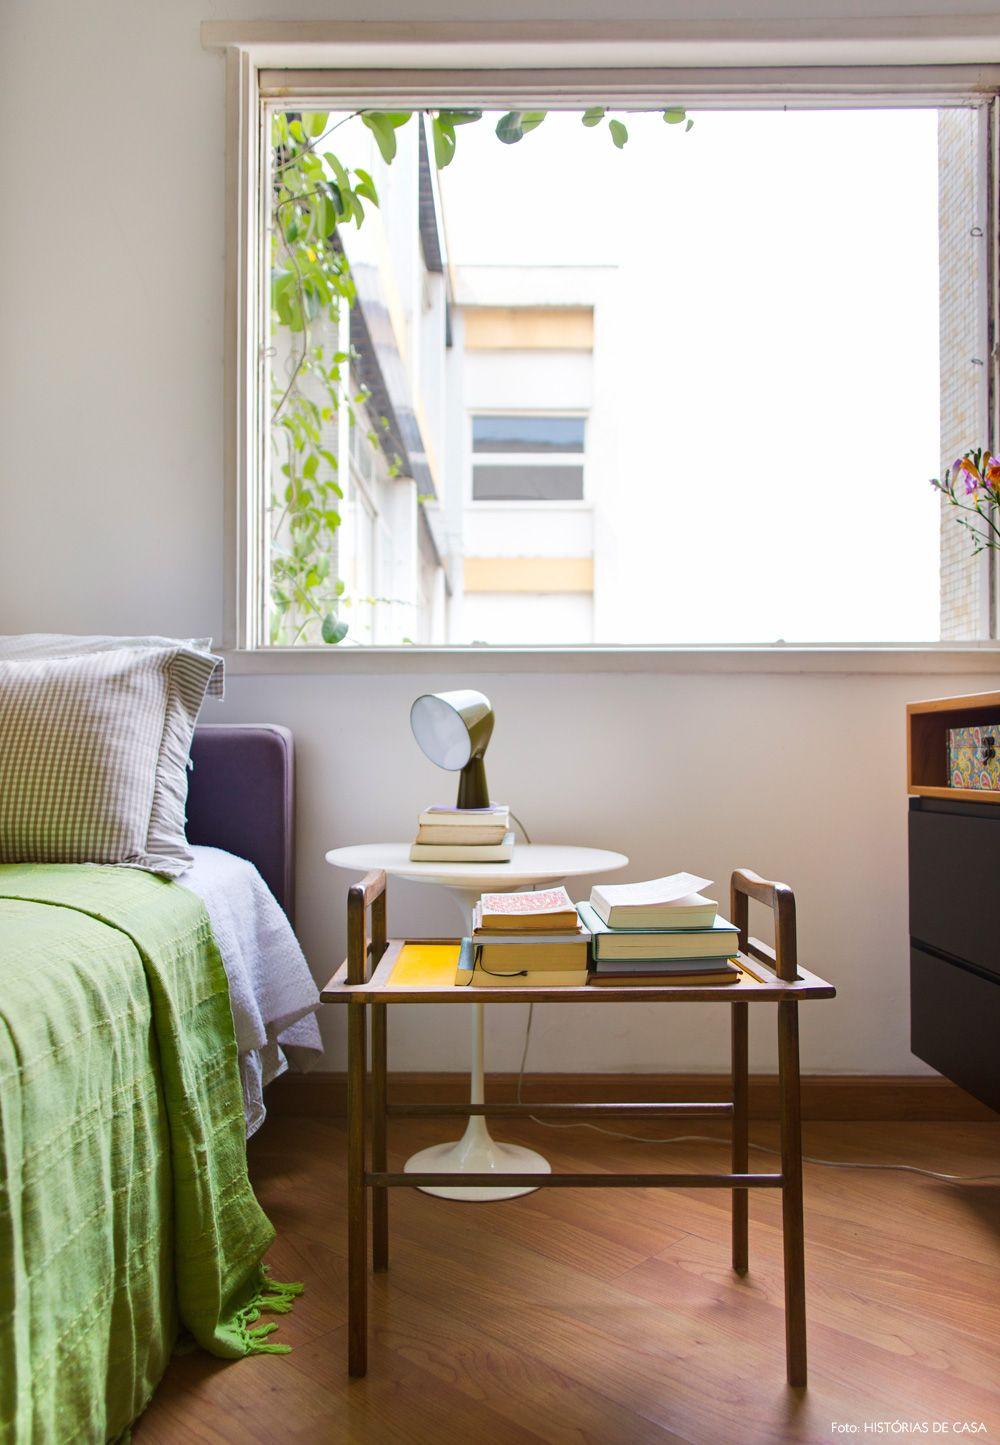 Para fugir dos custos altos e realizar a reforma da cozinha sem demora, a arquiteta foi bem objetiva em no projeto de seu apartamento.